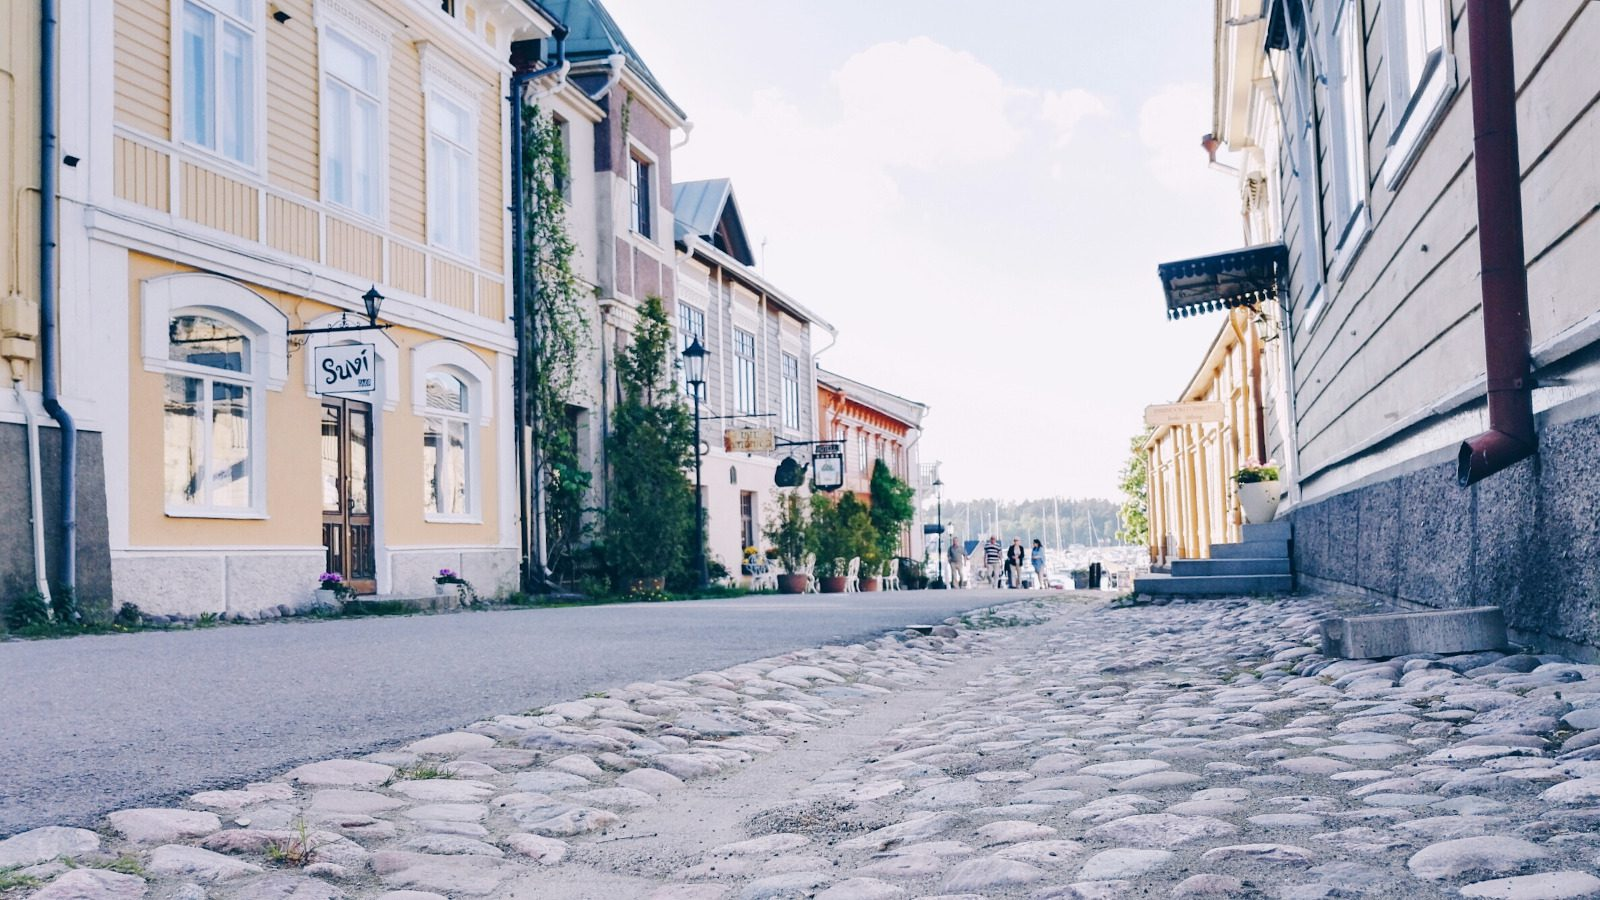 Naantalin vanhan kaupungin Mannerheiminkatu, jota keltaiset ja muut värikkäät puutalot reunustavat.